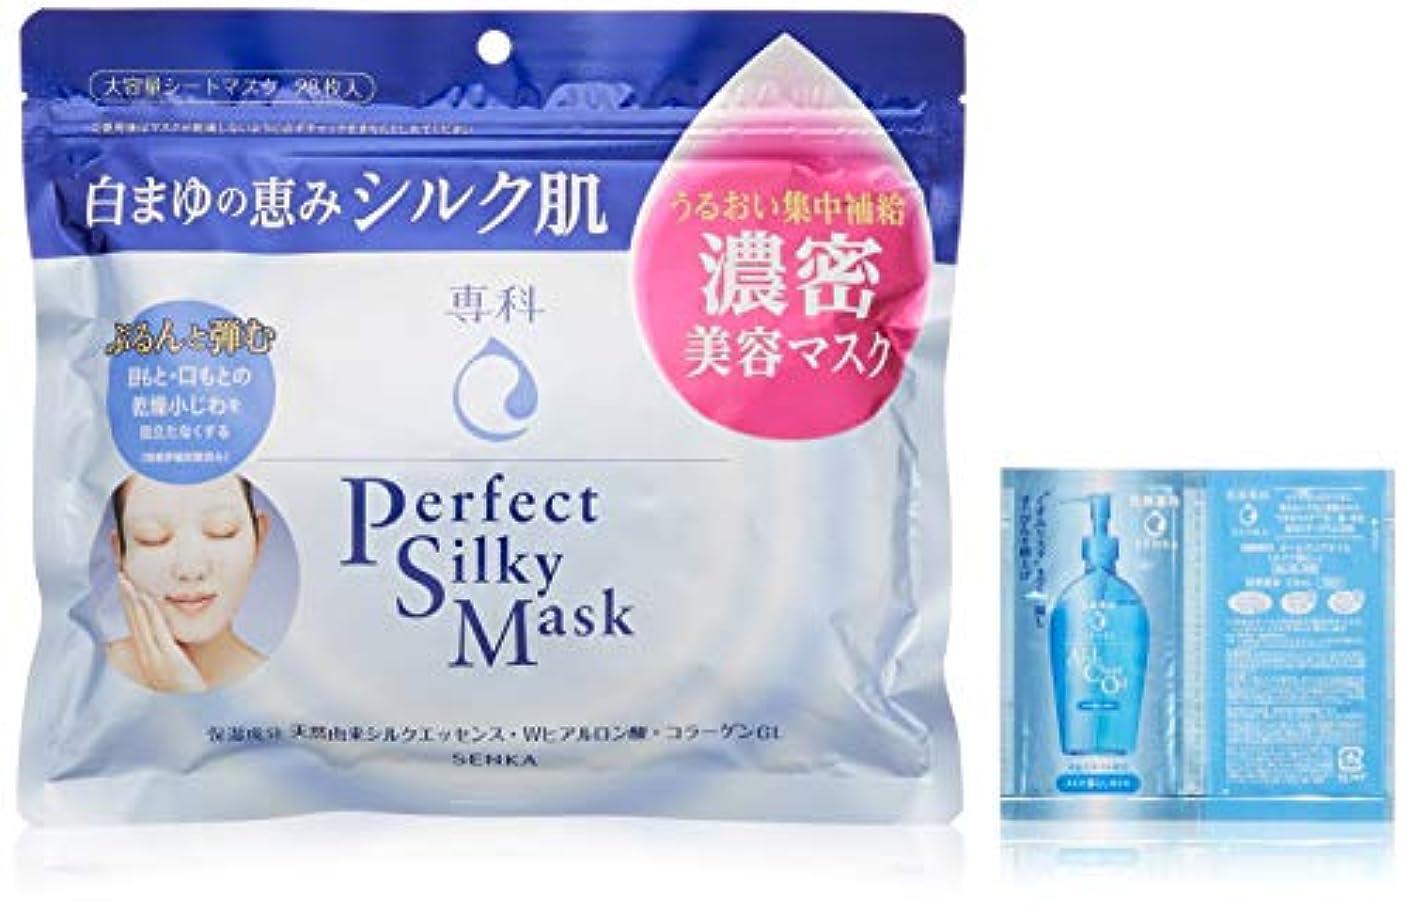 たっぷり例不屈【Amazon.co.jp 限定】専科 パーフェクトシルキーマスク シート状 美容マスク 28枚 おまけ付きセット